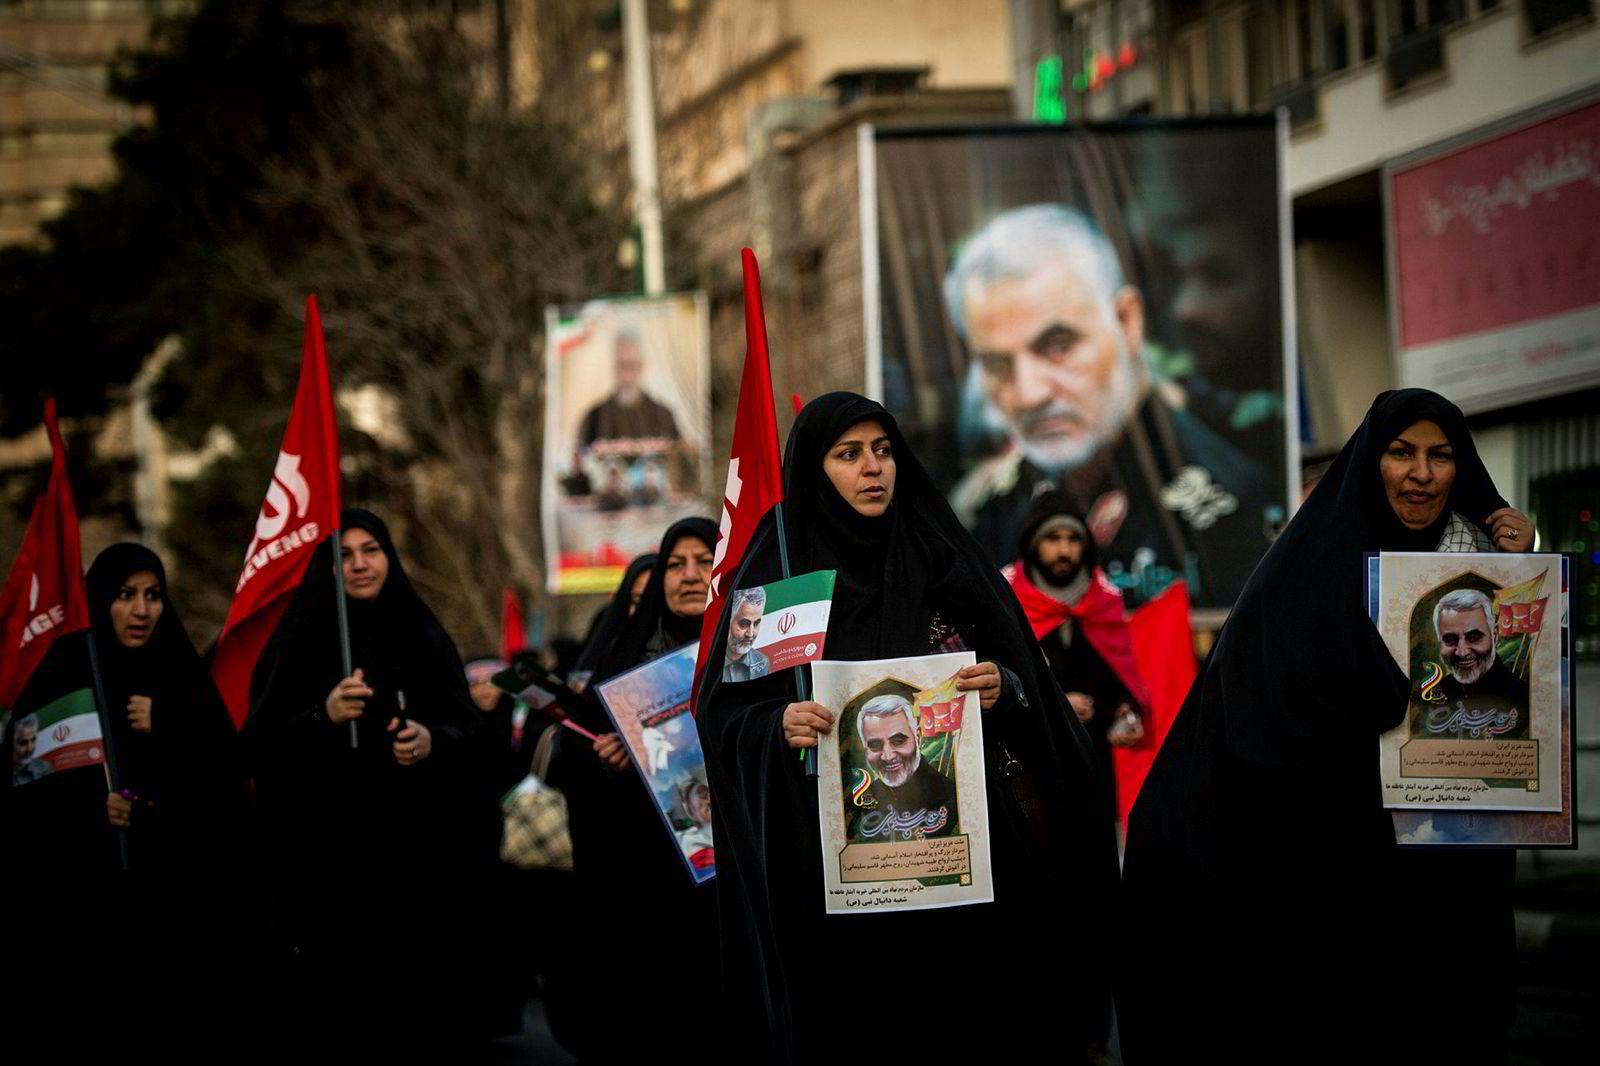 USAs likvidering av den iranske generalen Qasem Soleimani har skapt kraftige reaksjoner i Iran og verden for øvrig. Tidligere denne uken ble Soleimani gravlagt i sin hjemby Kerman, sørøst i Iran. Her fra et begravelsesfølge mandag i Irans hovedstad, Teheran.